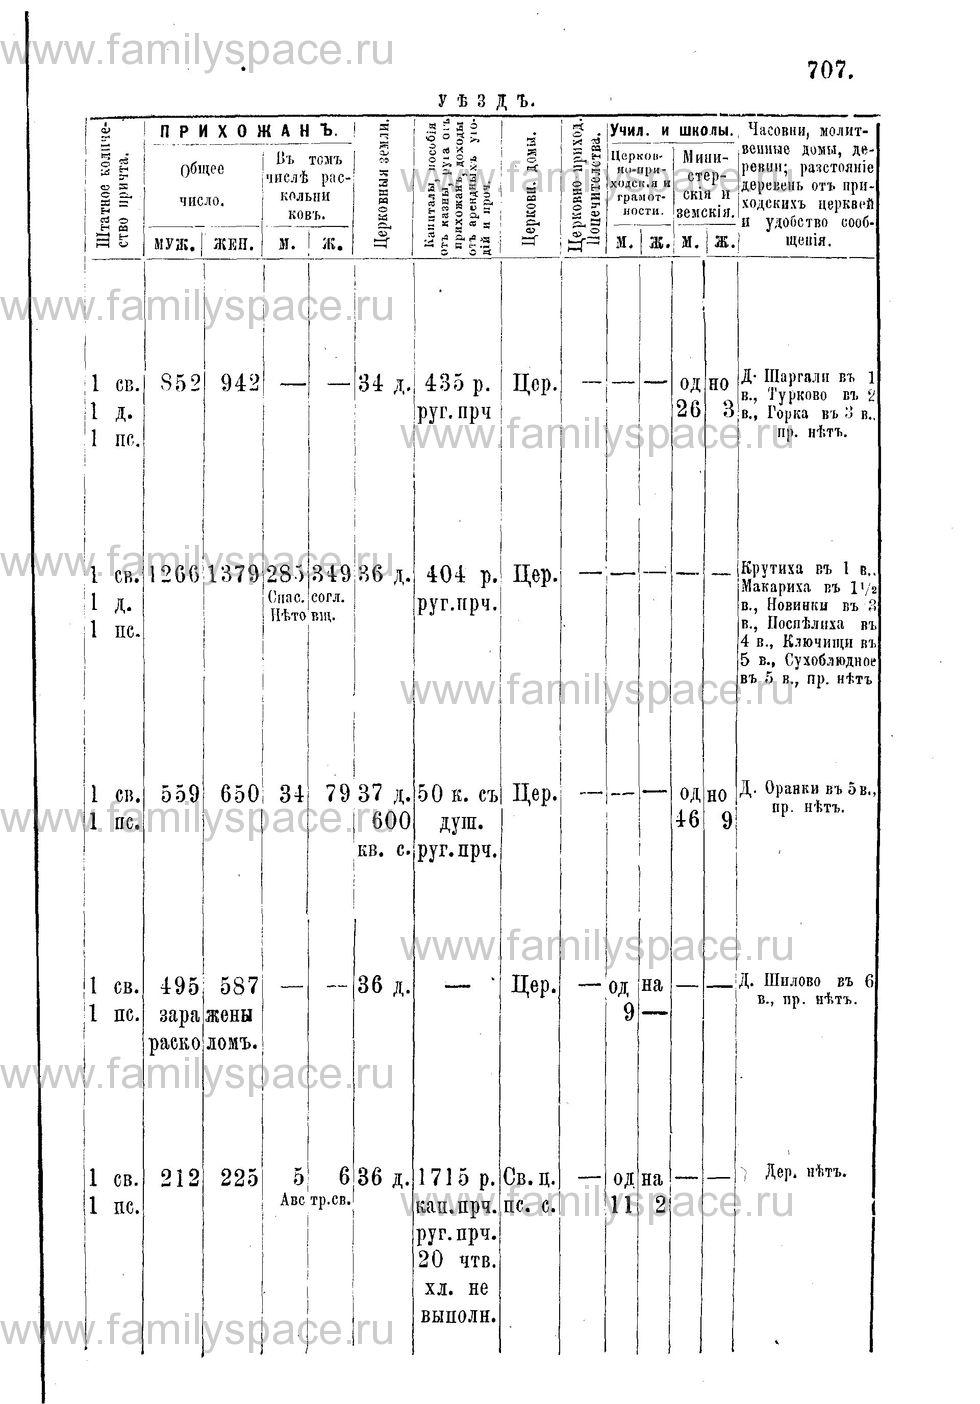 Поиск по фамилии - Адрес-календарь Нижегородской епархии на 1888 год, страница 1707